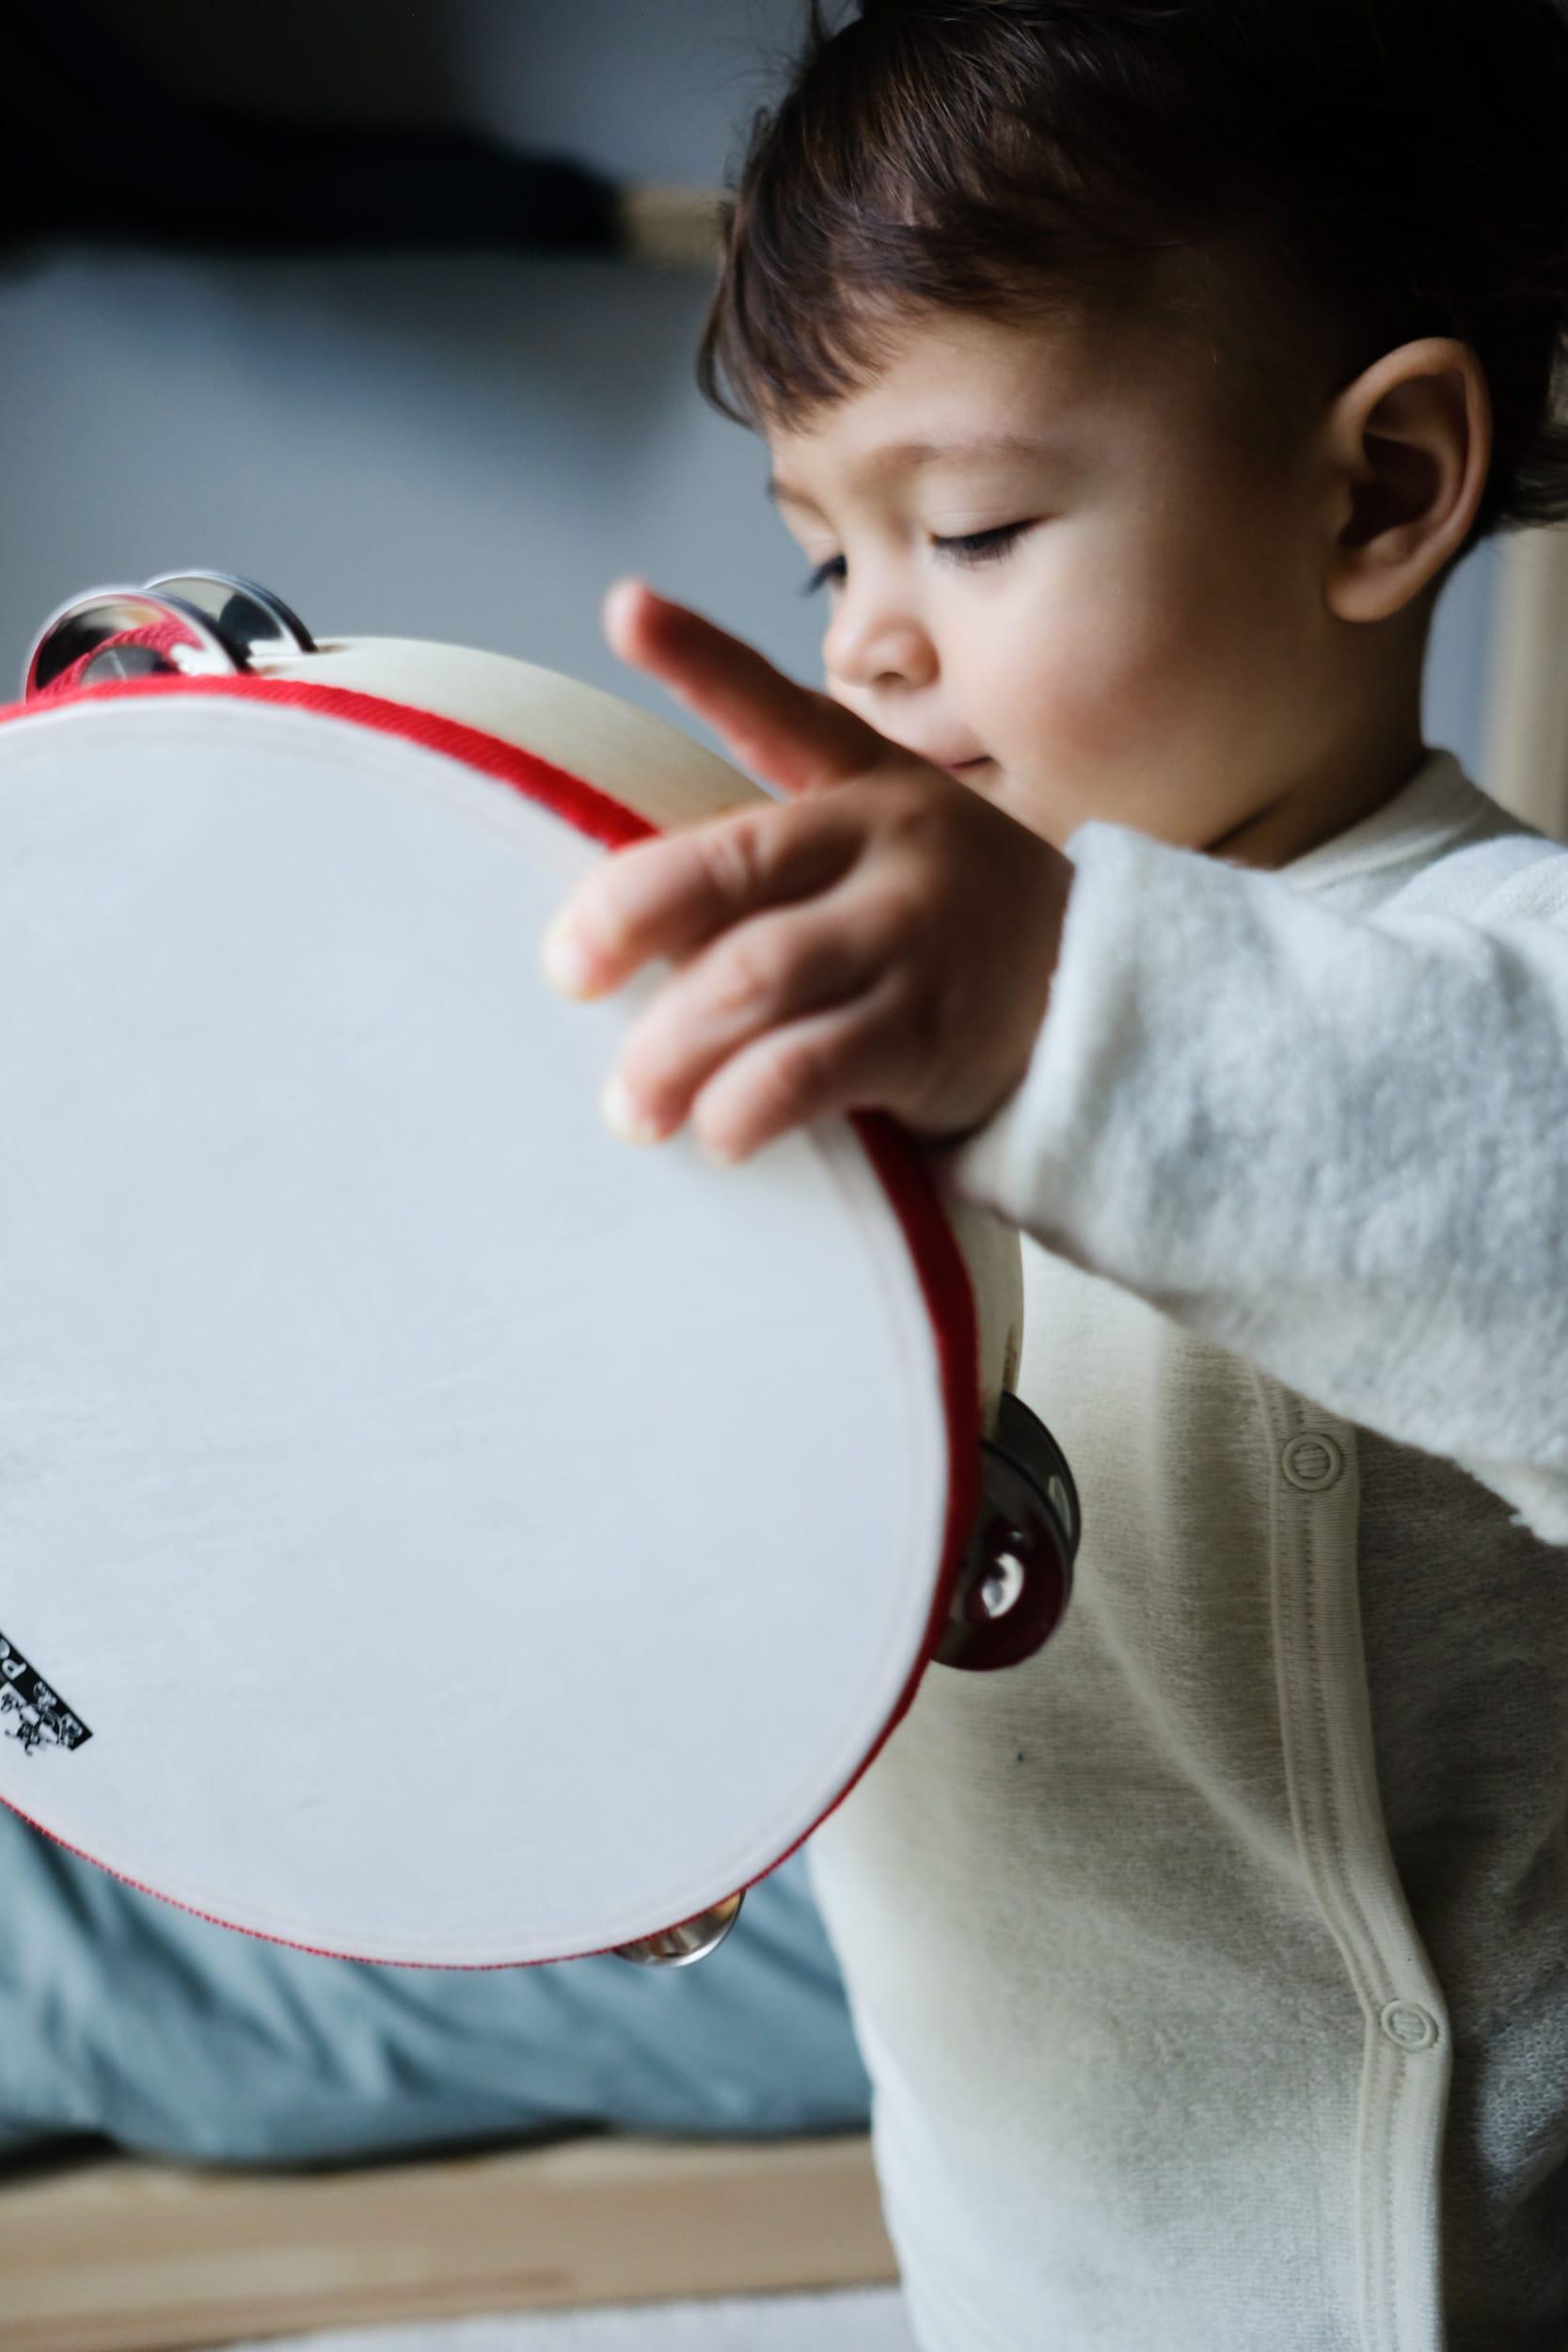 Musikinstrumente für Kleinkinder | Zuhause musizieren mit Kleinkindern und Babys | Tamburin | ivy.li